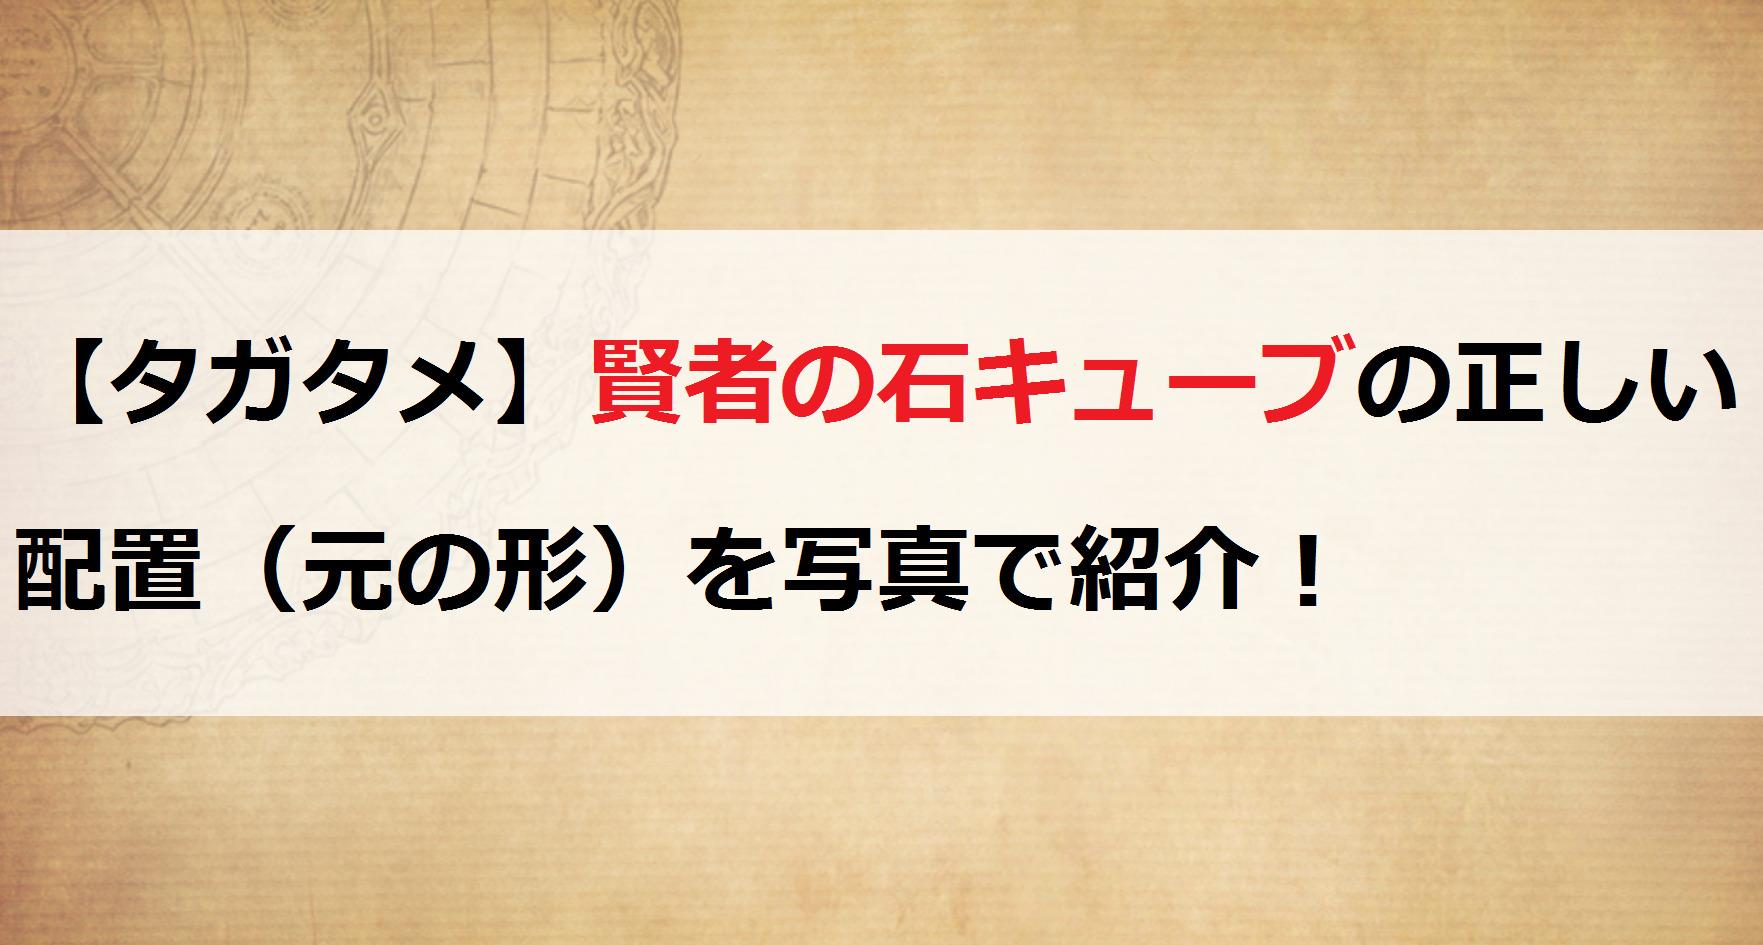 【タガタメ】賢者の石キューブの正しい配置(元の形)を写真で紹介!